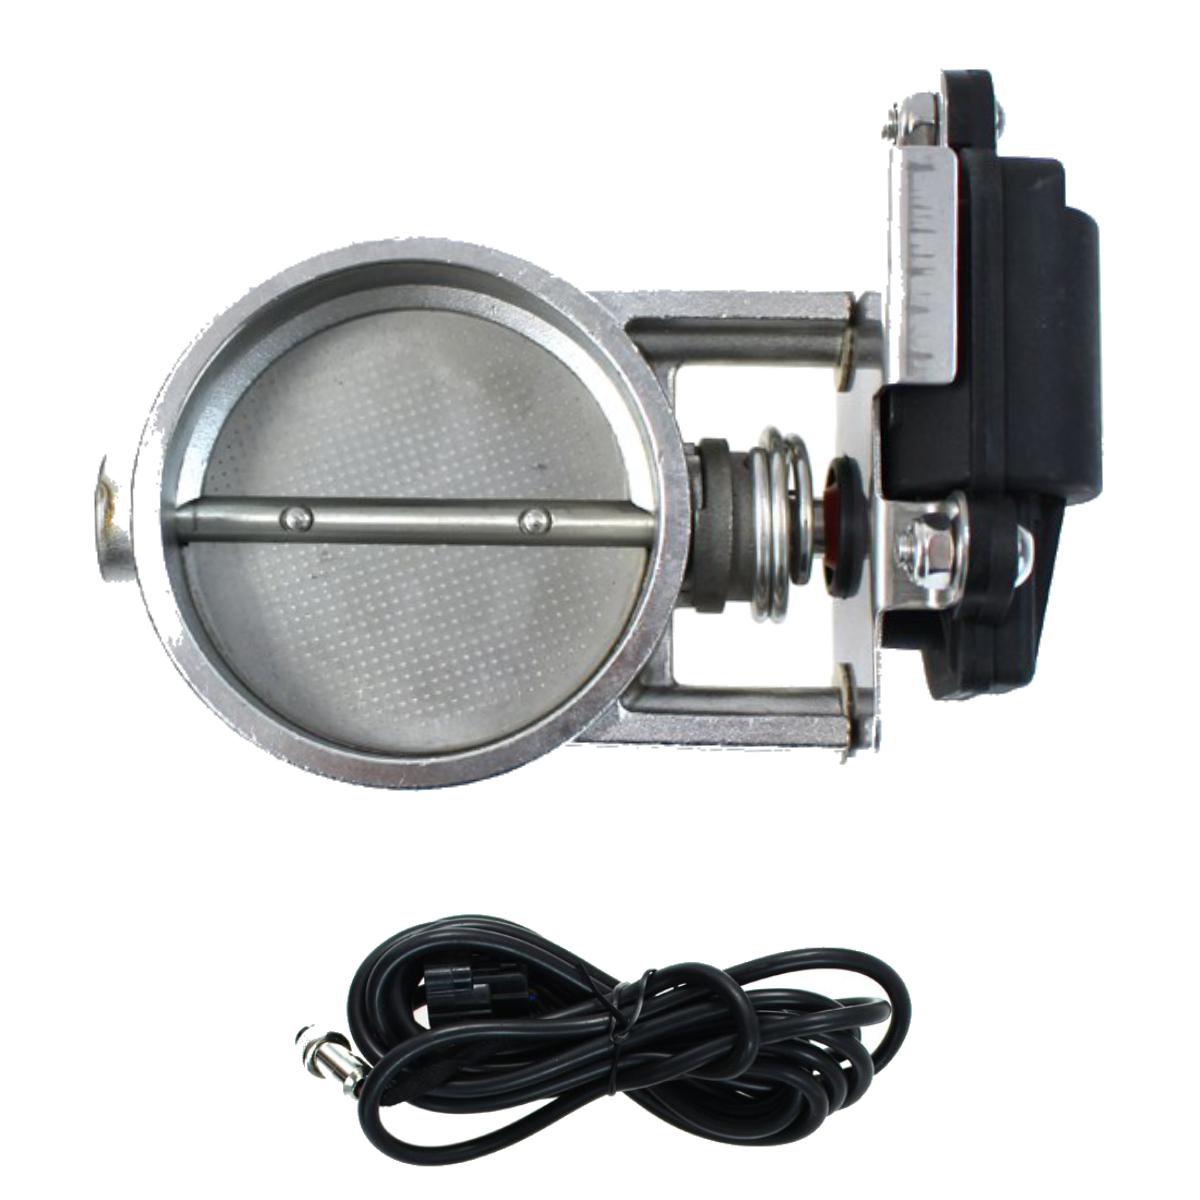 Przepustnica elektryczna PRO 70mm (2.75 cala) - GRUBYGARAGE - Sklep Tuningowy